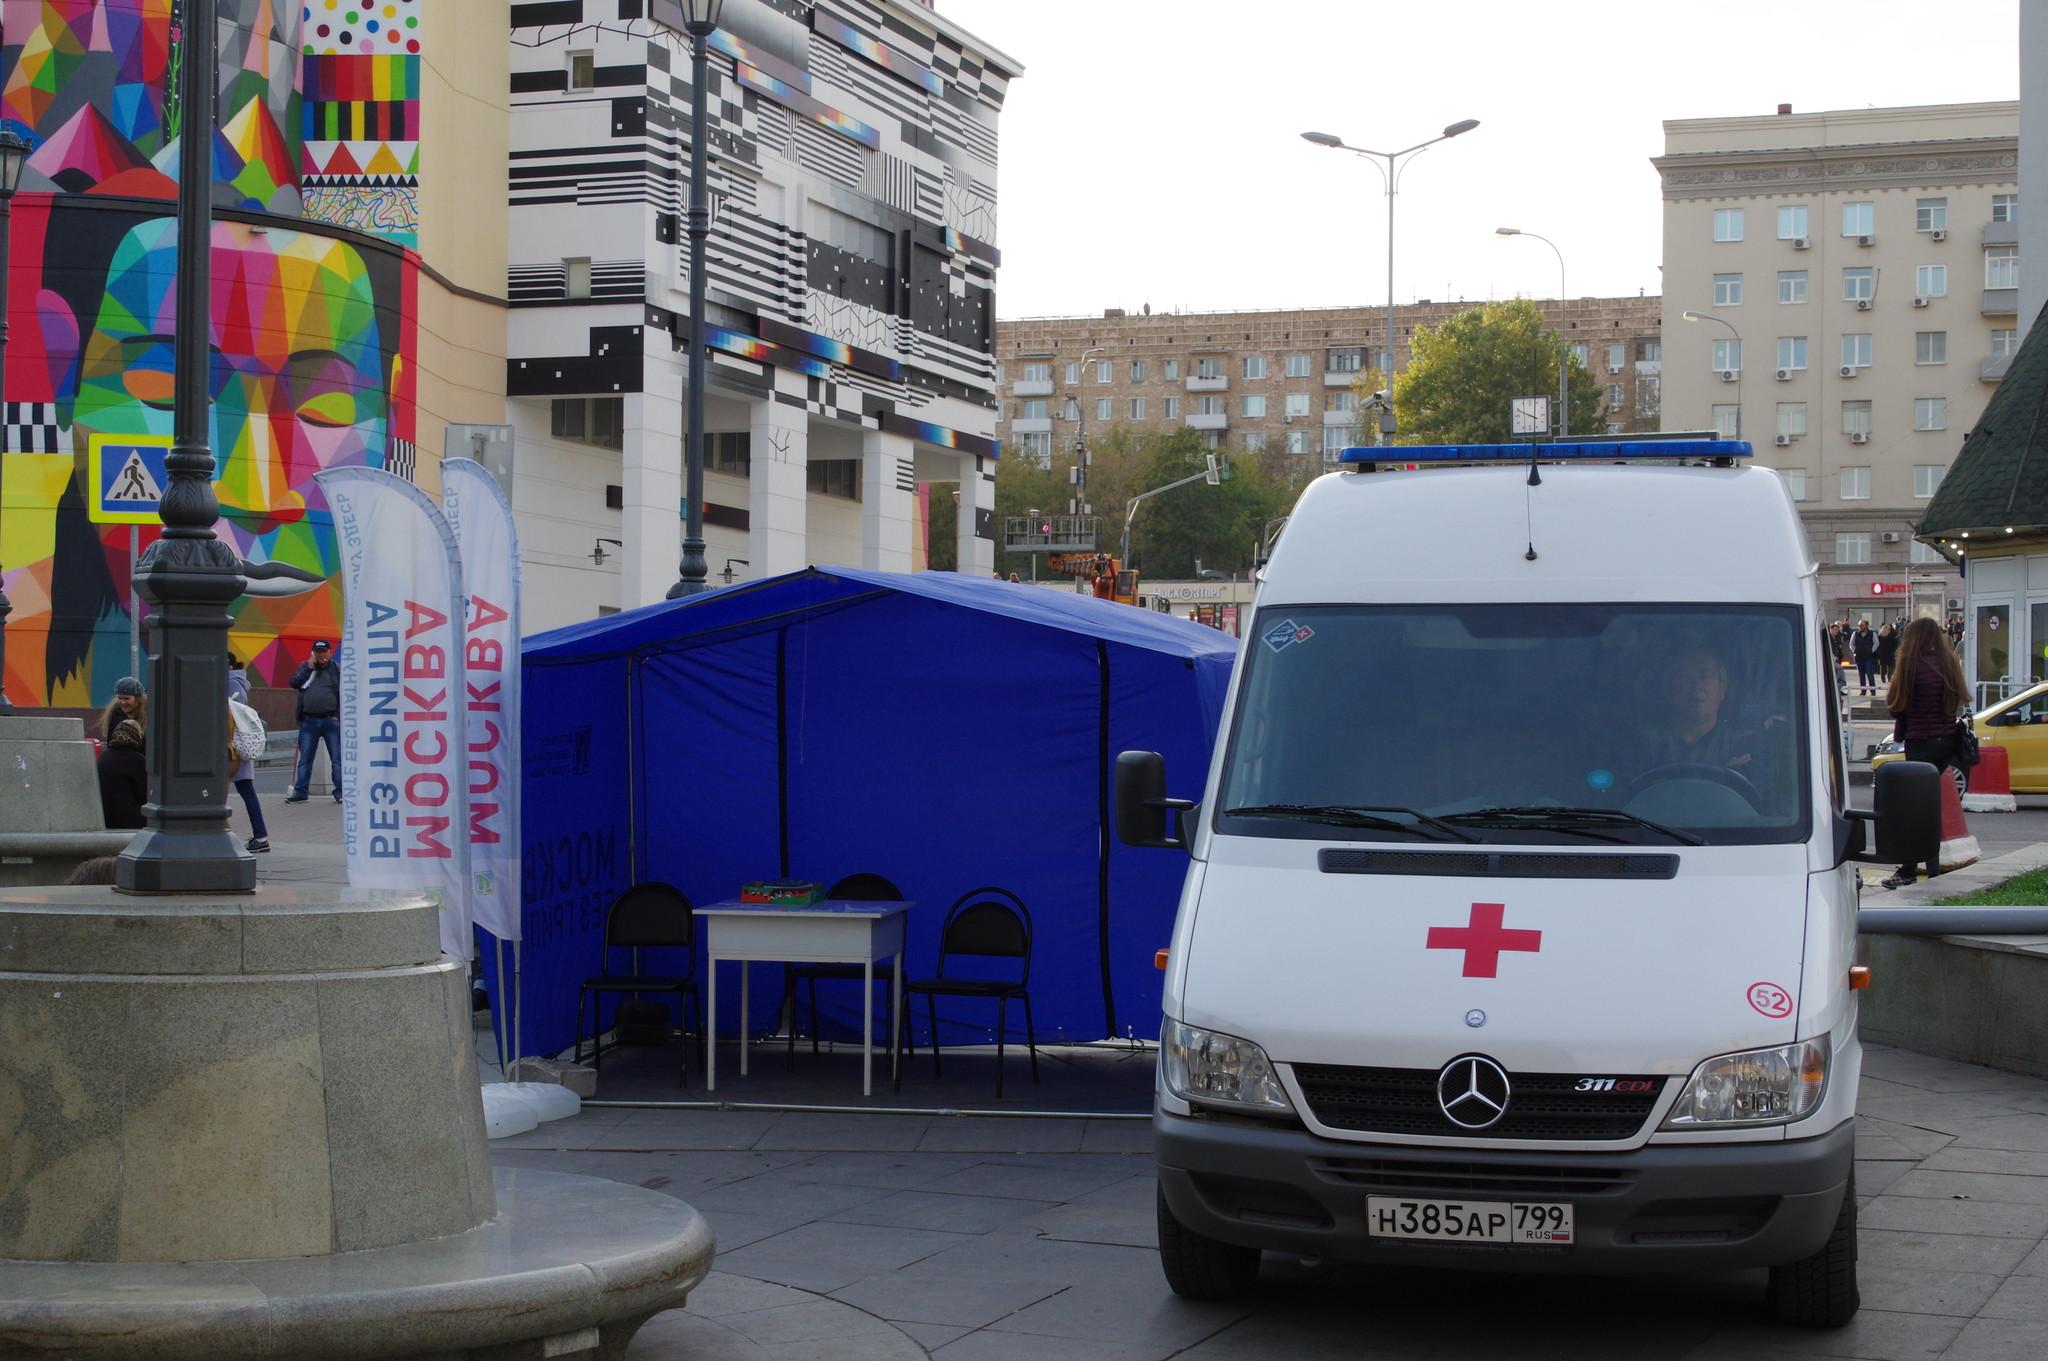 Мобильный пункт вакцинации против гриппа у Курского вокзала